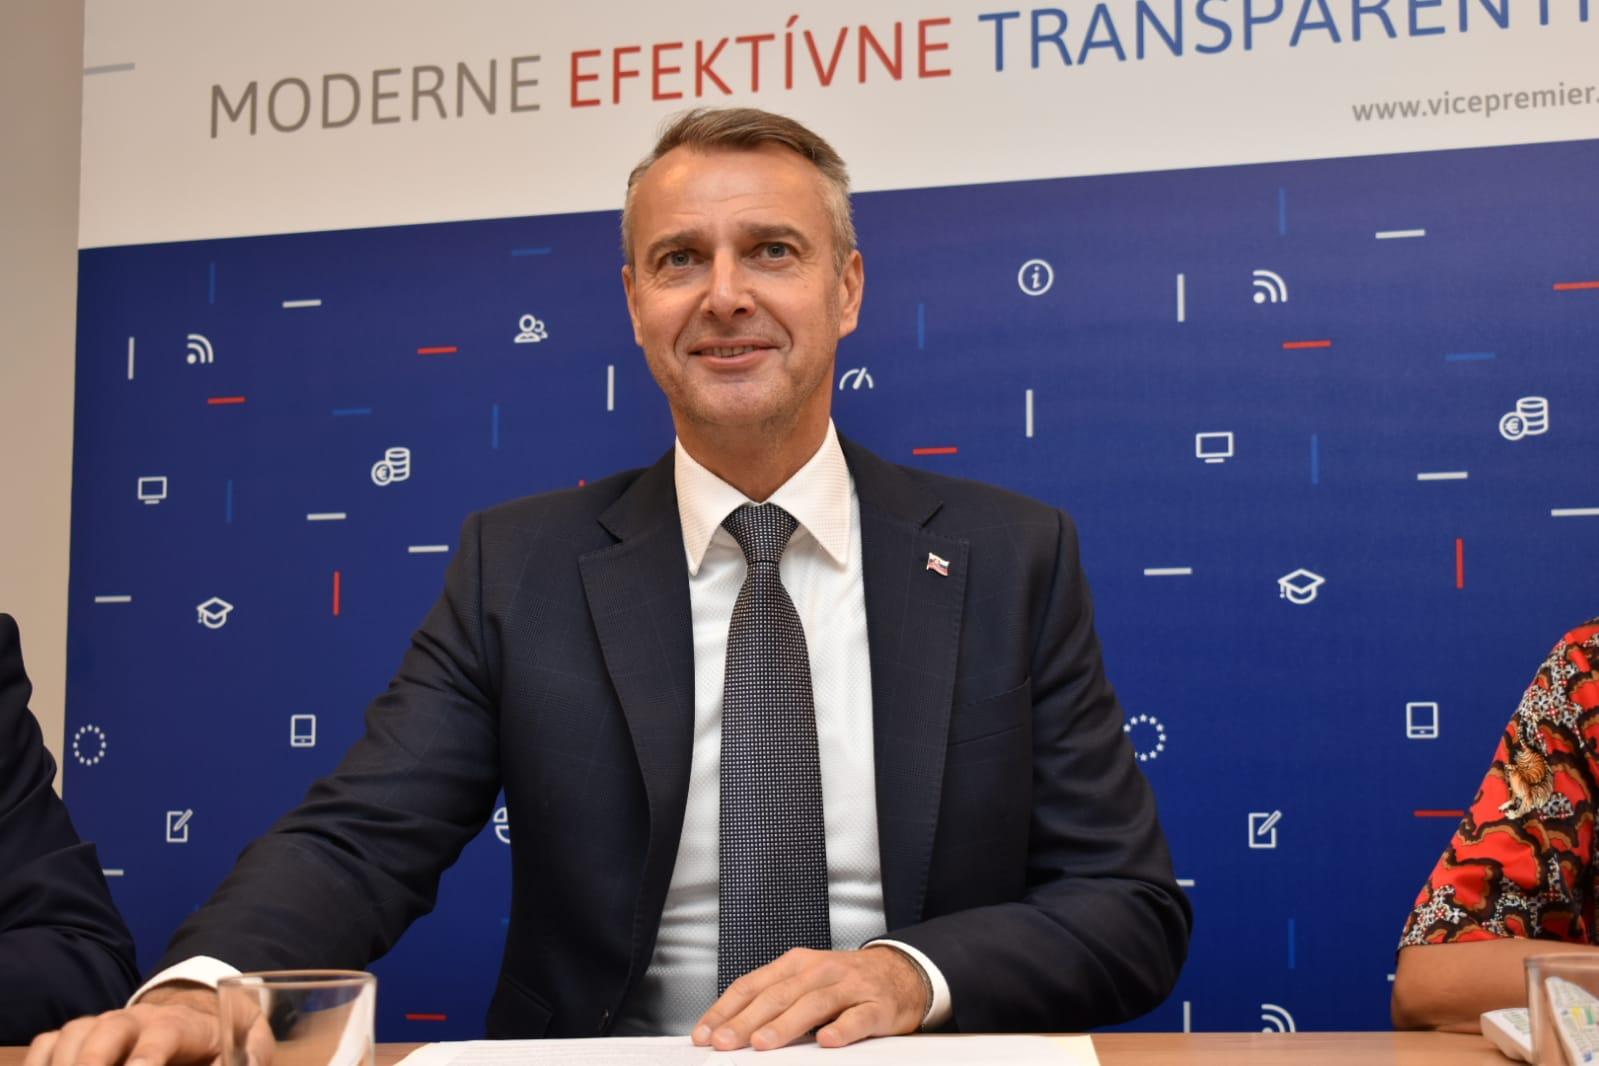 Vicepremiér R. Raši odletel na konferenciu pre udržateľný rozvoj v Bukurešti